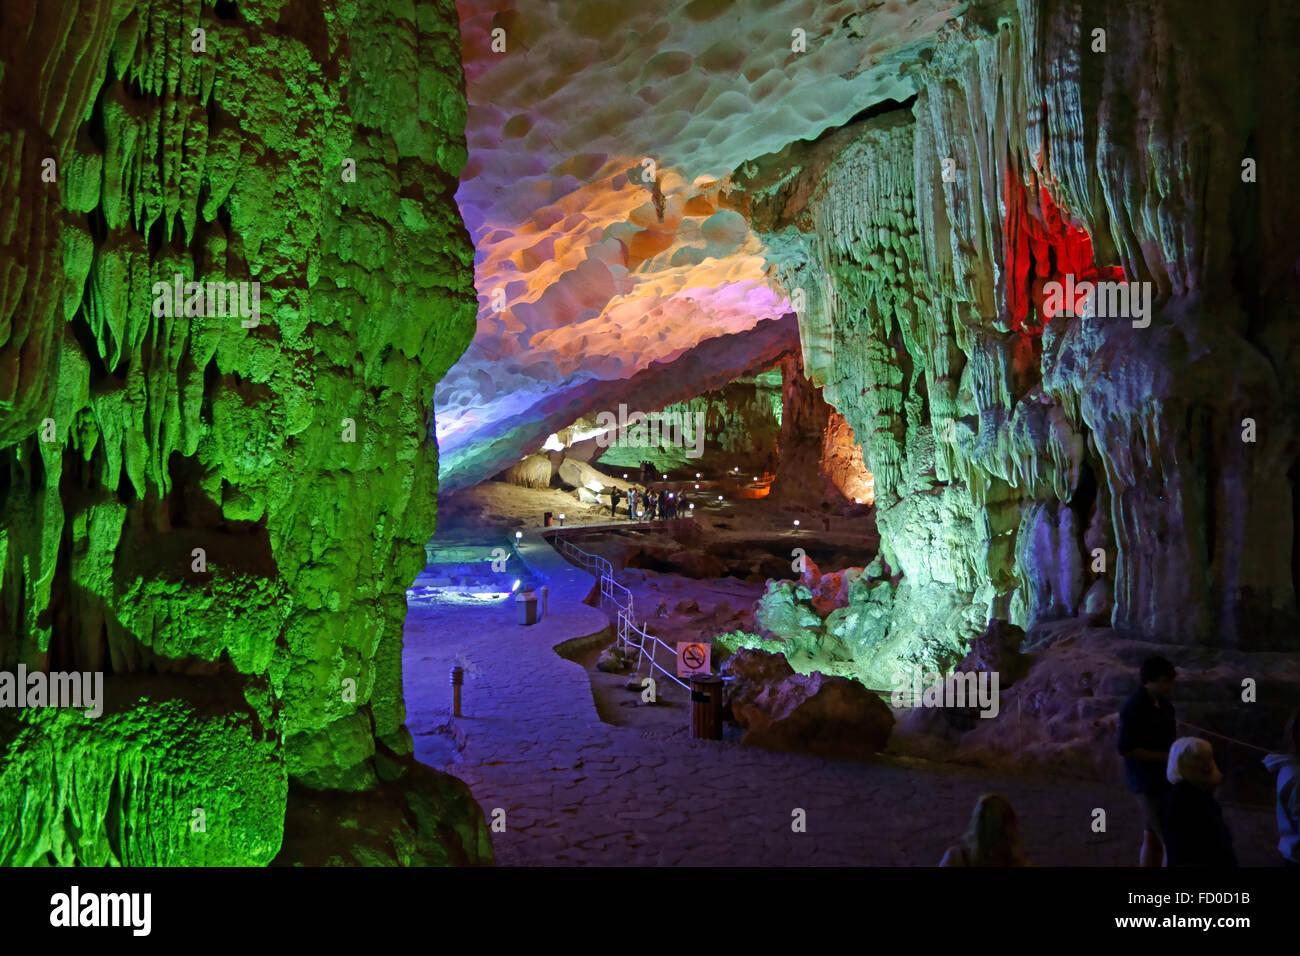 Los visitantes en una gran caverna con formaciones de estalactitas y estalagmitas, Dau Go Cave, en un karst calizo Imagen De Stock